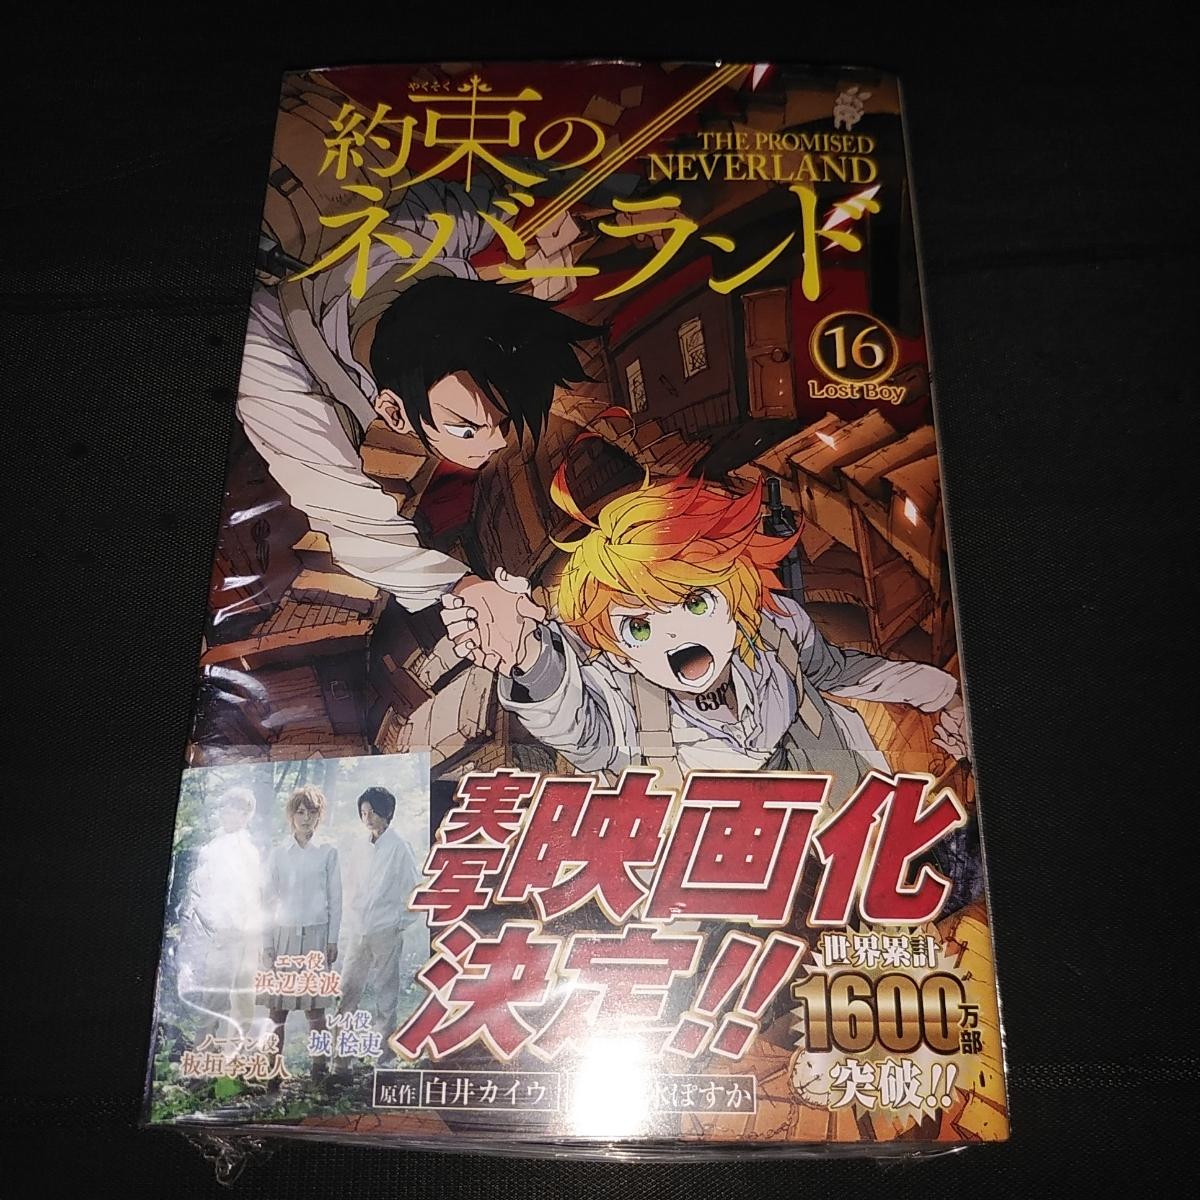 【漫画】約束のネバーランド 16巻 アニメイト特典付き